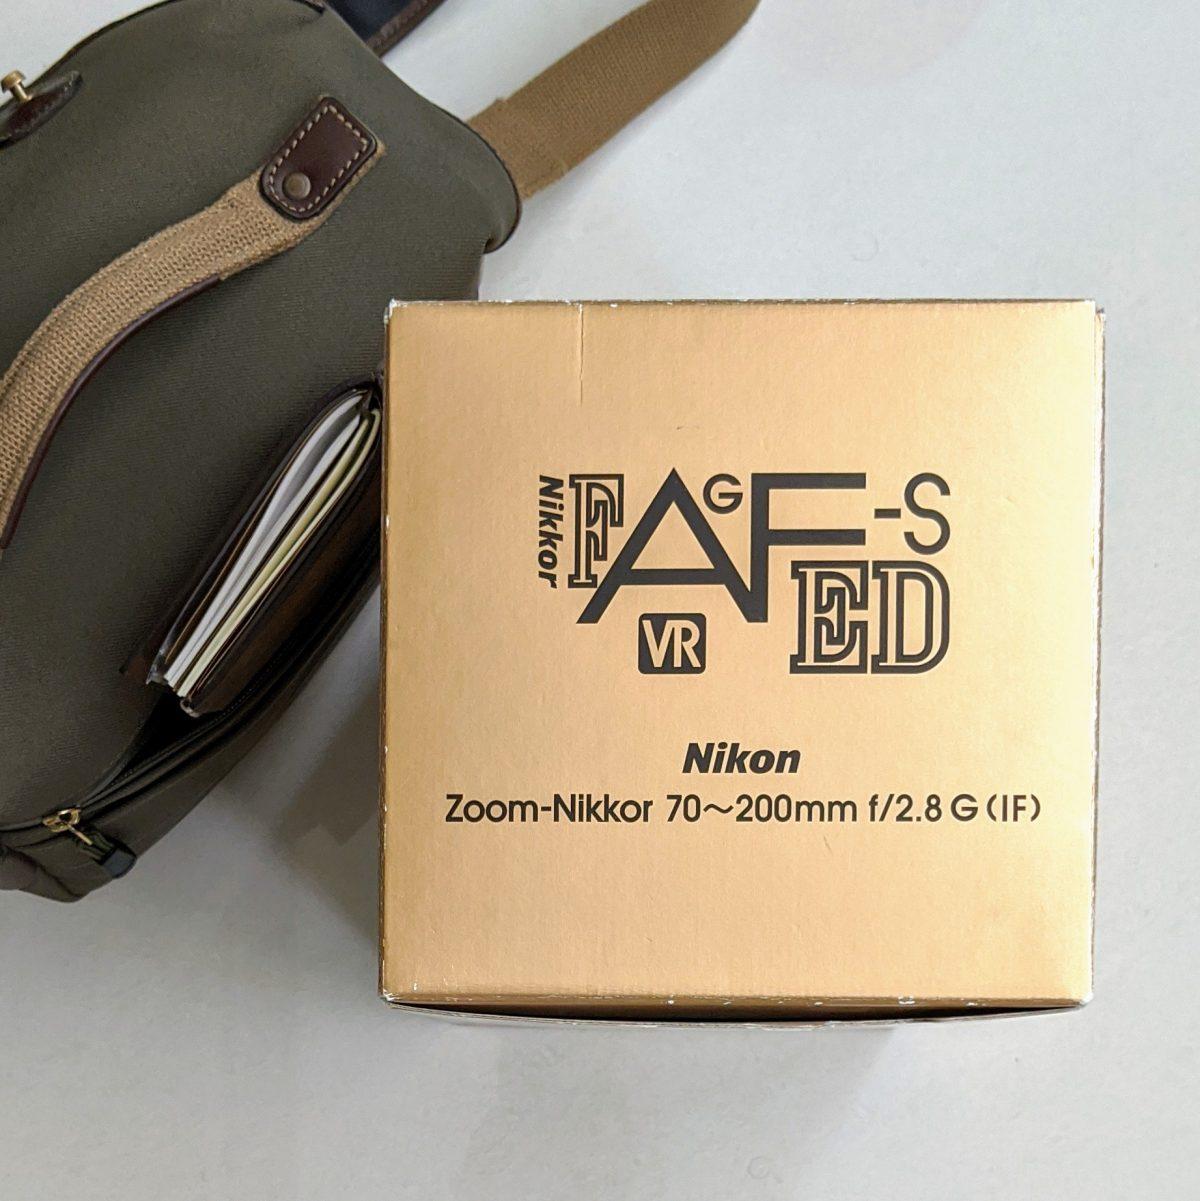 My Nikon AF-S VR Zoom-Nikkor 70-200mm f/2.8G ED-IF